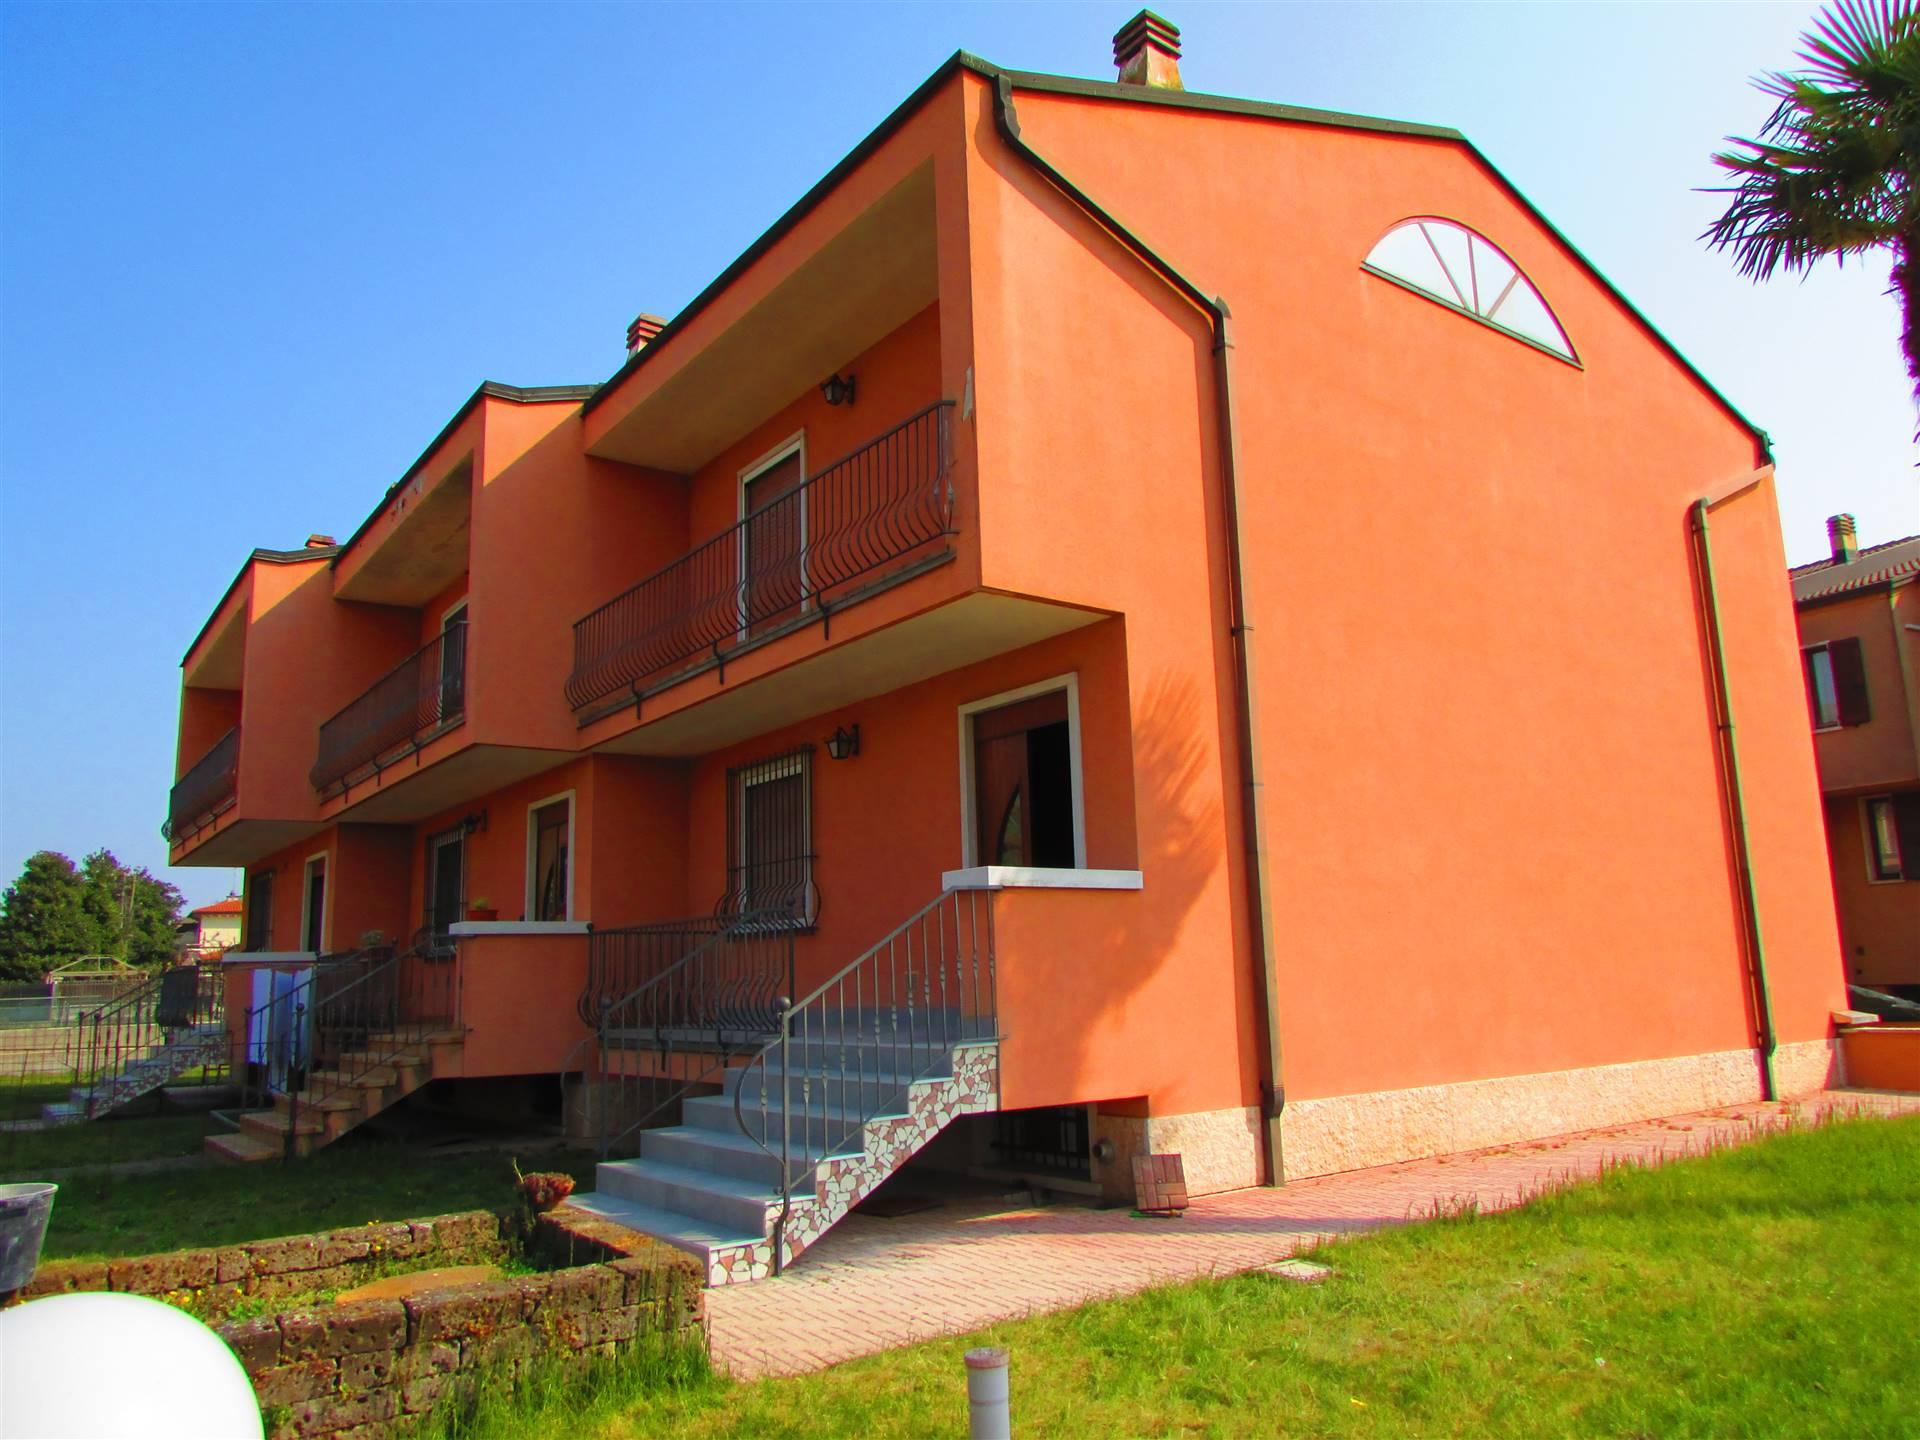 ALBAREDO D'ADIGE, Villa a schiera in vendita di 120 Mq, Ottime condizioni, Riscaldamento Autonomo, Classe energetica: D, posto al piano Terra su 2,